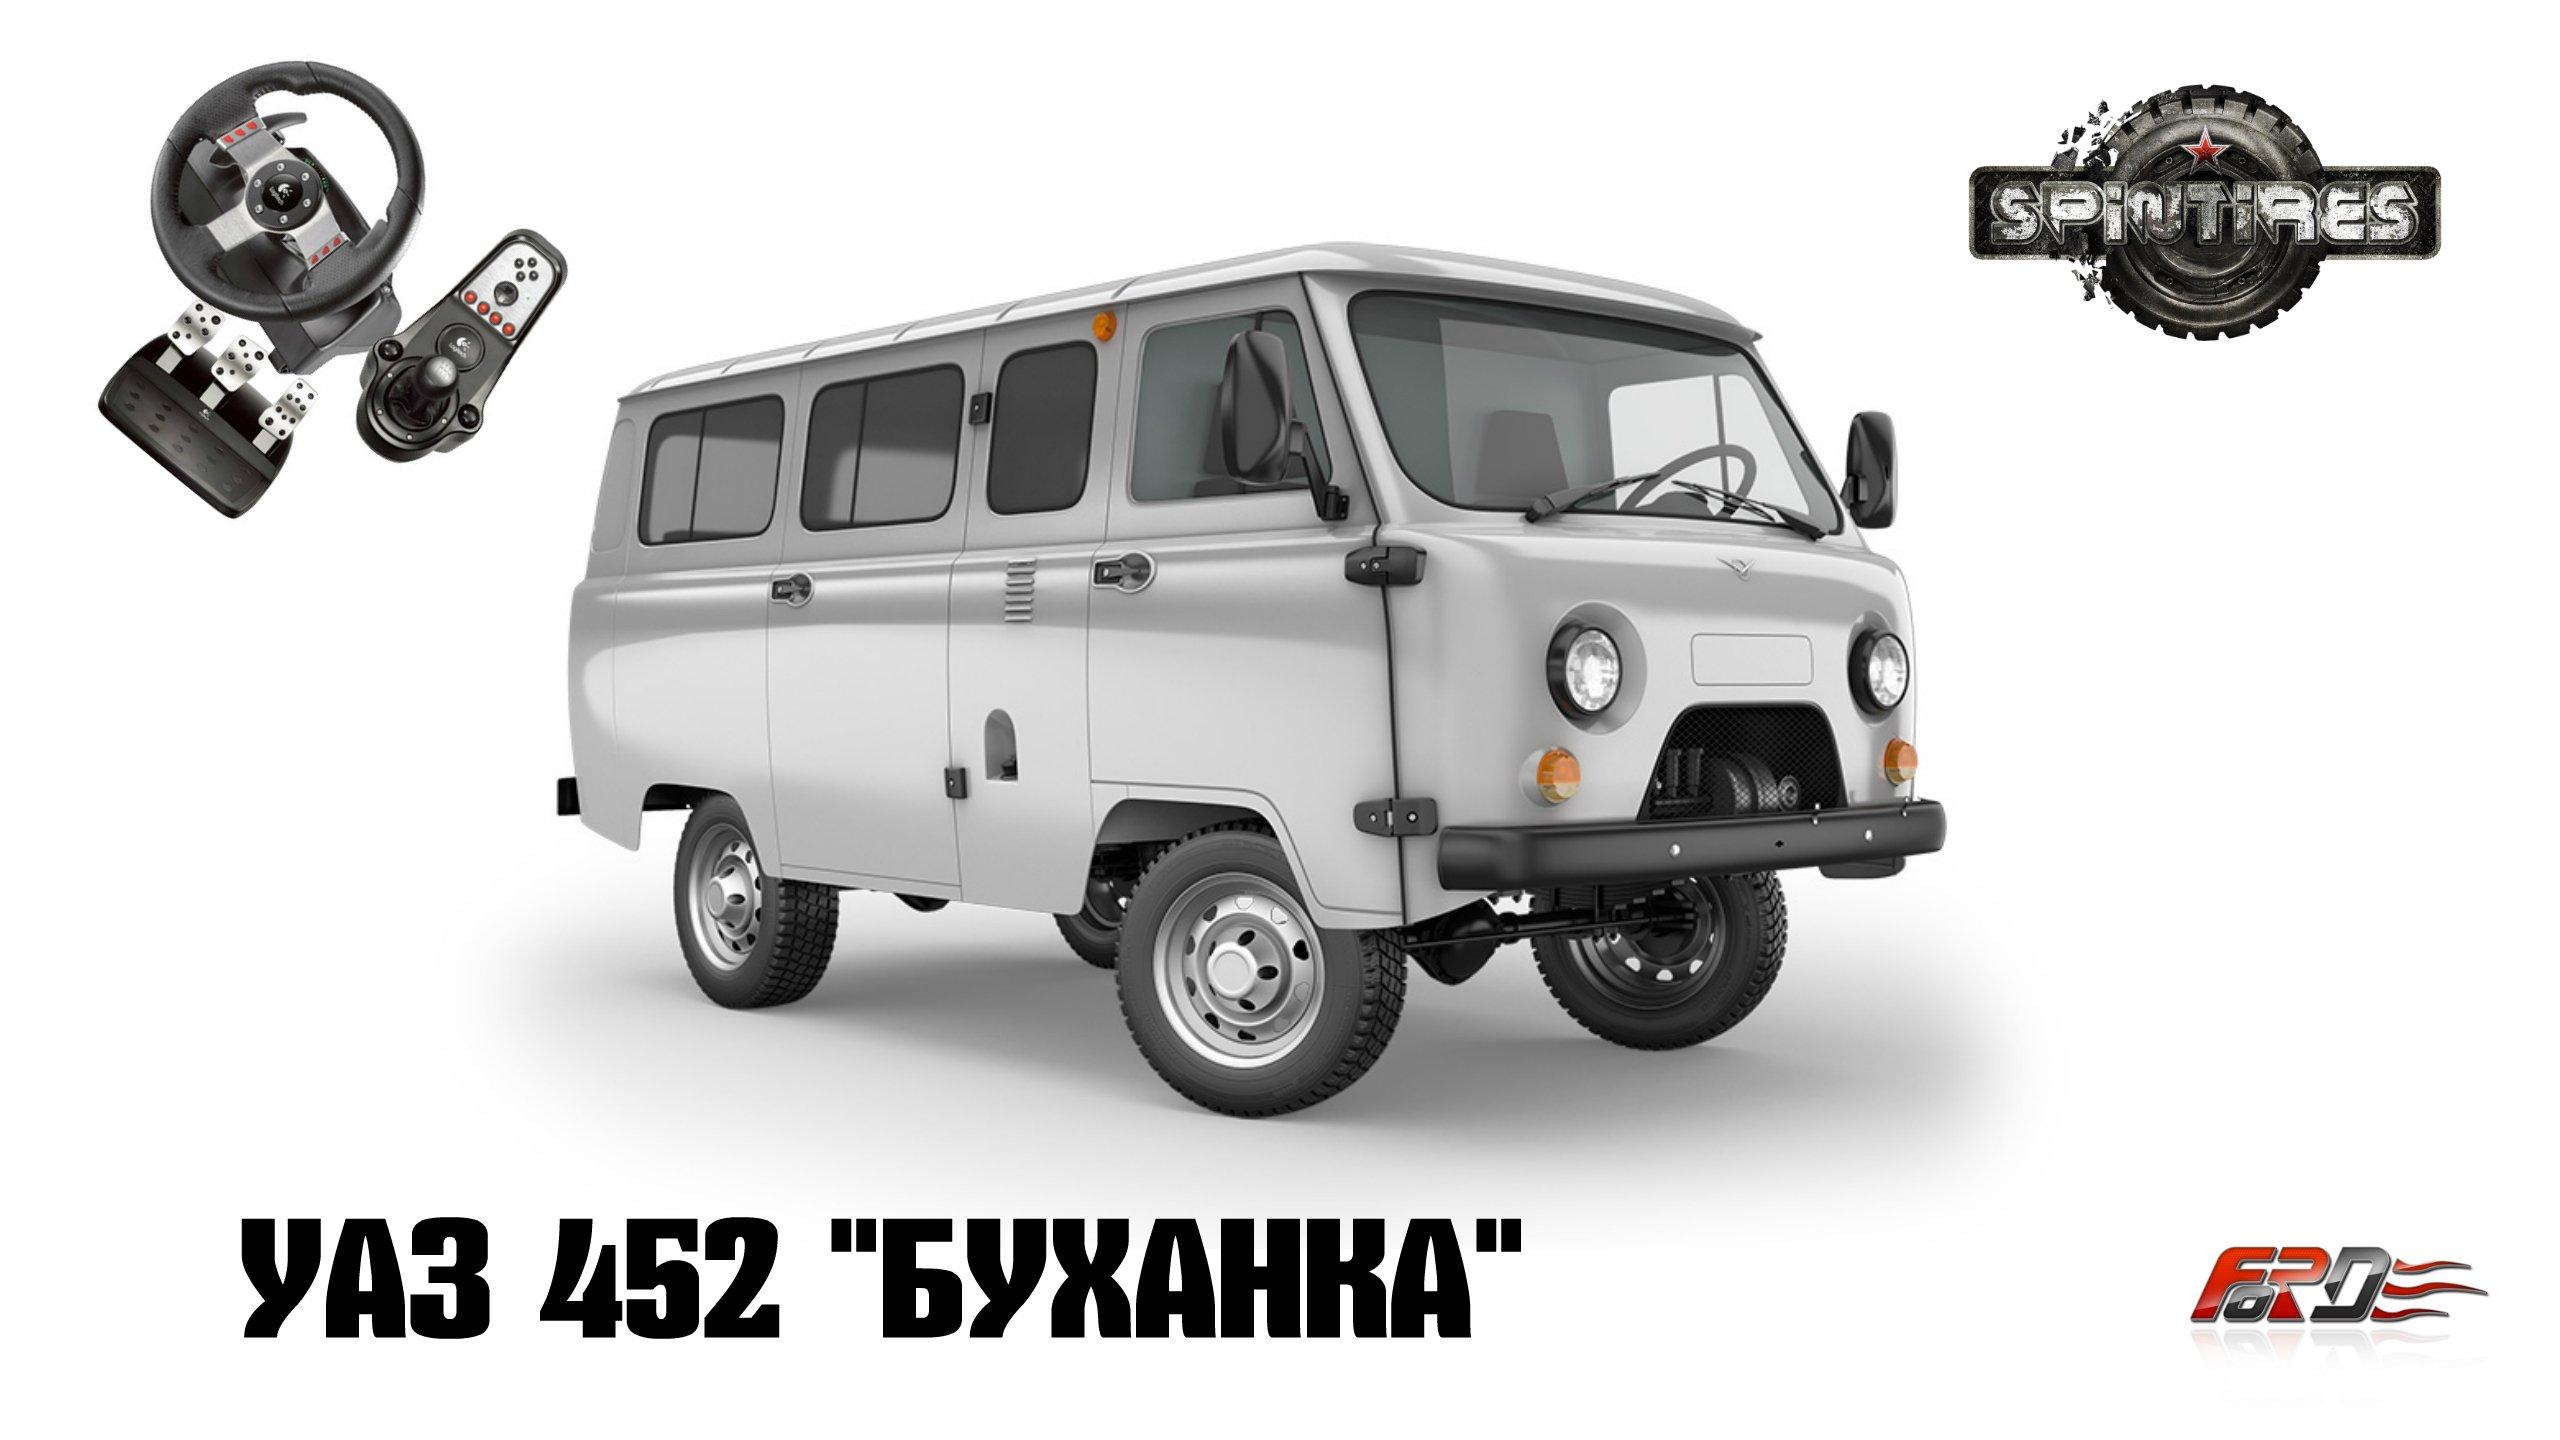 """УАЗ-452 """"БУХАНКА"""", """"ТАБЛЕТКА"""" - тест драйв, обзор, off road советские внедорожник в SpinTires 2016 - Изображение 1"""